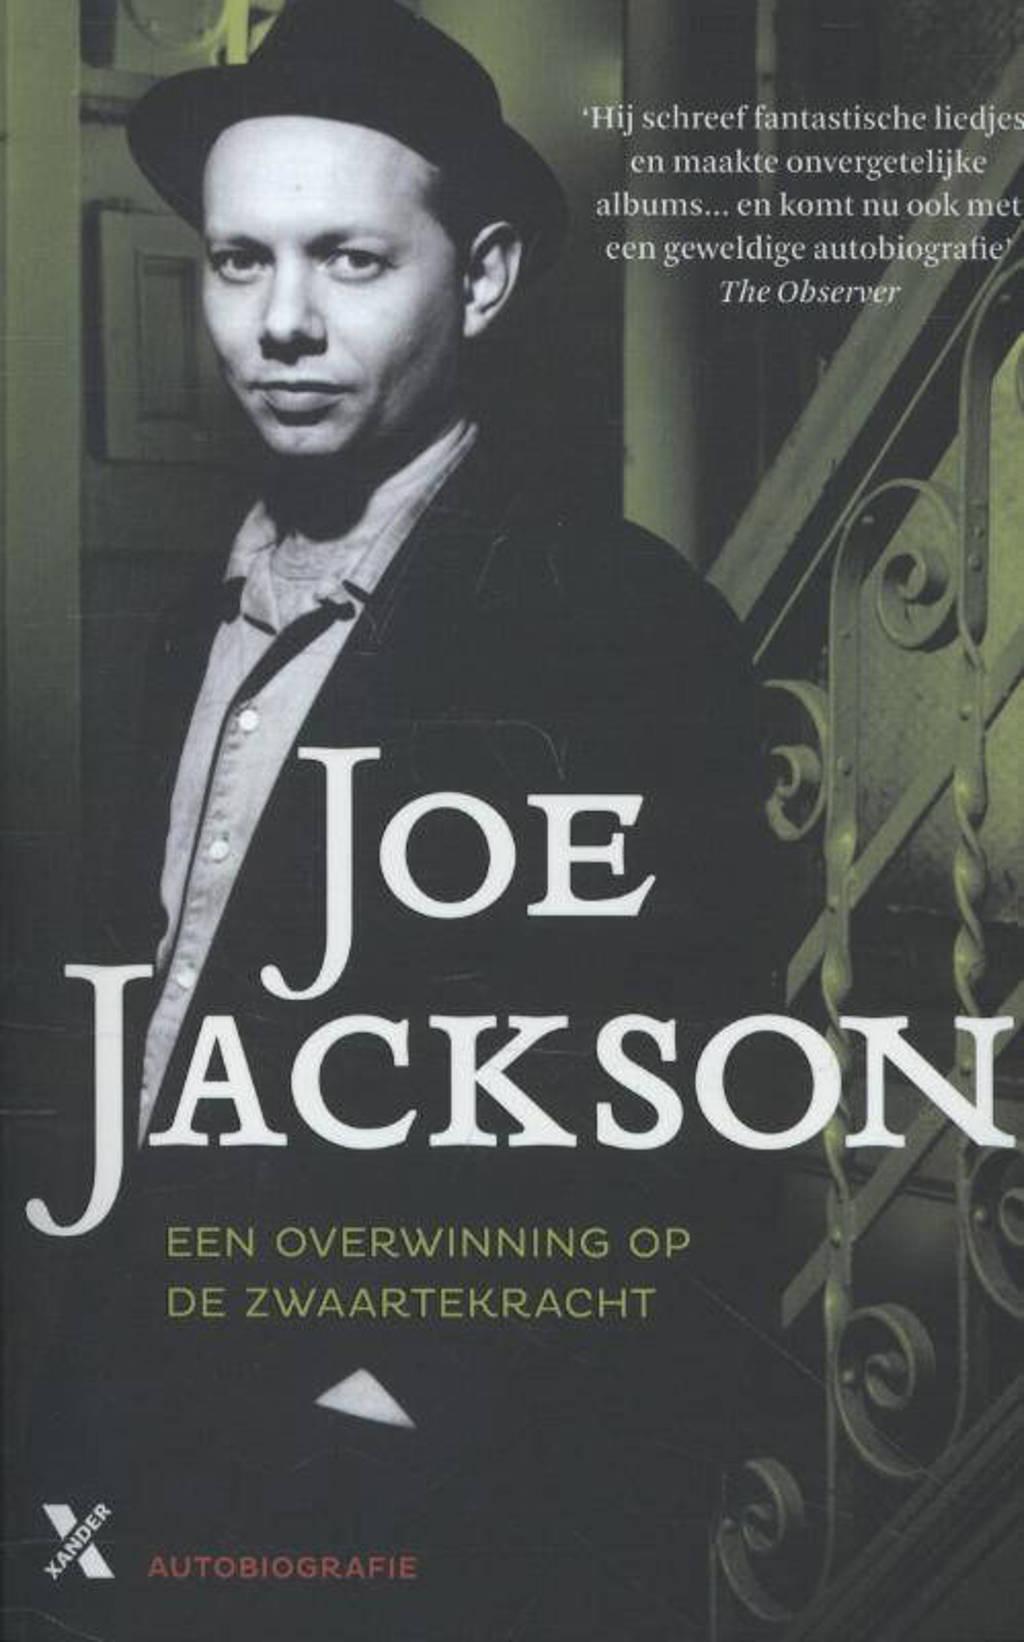 Een overwinning op de zwaartekracht - Joe Jackson